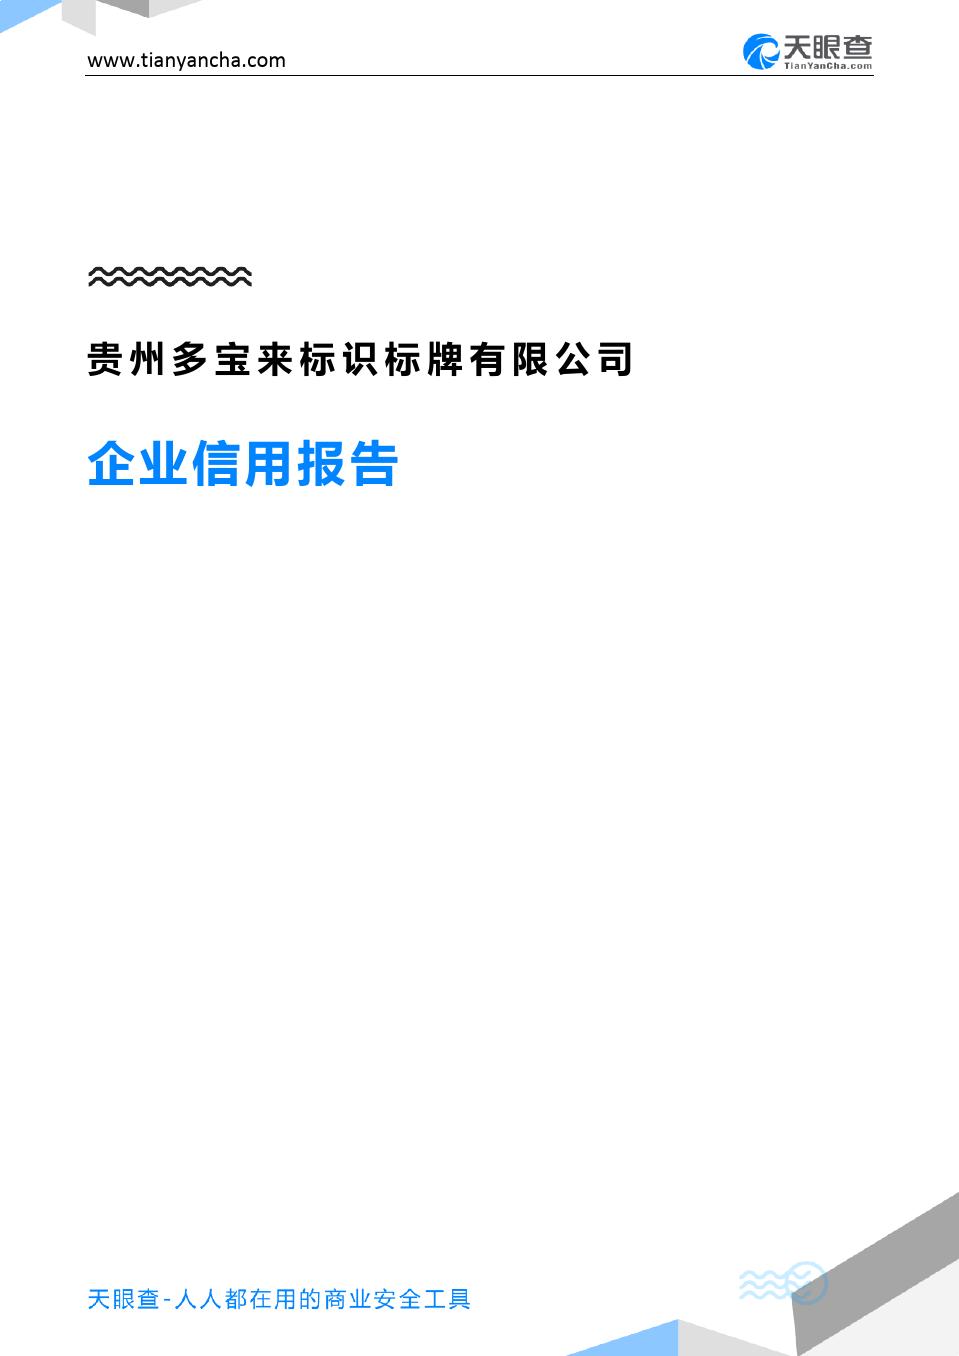 贵州多宝来标识标牌有限公司(企业信用报告)- 天眼查